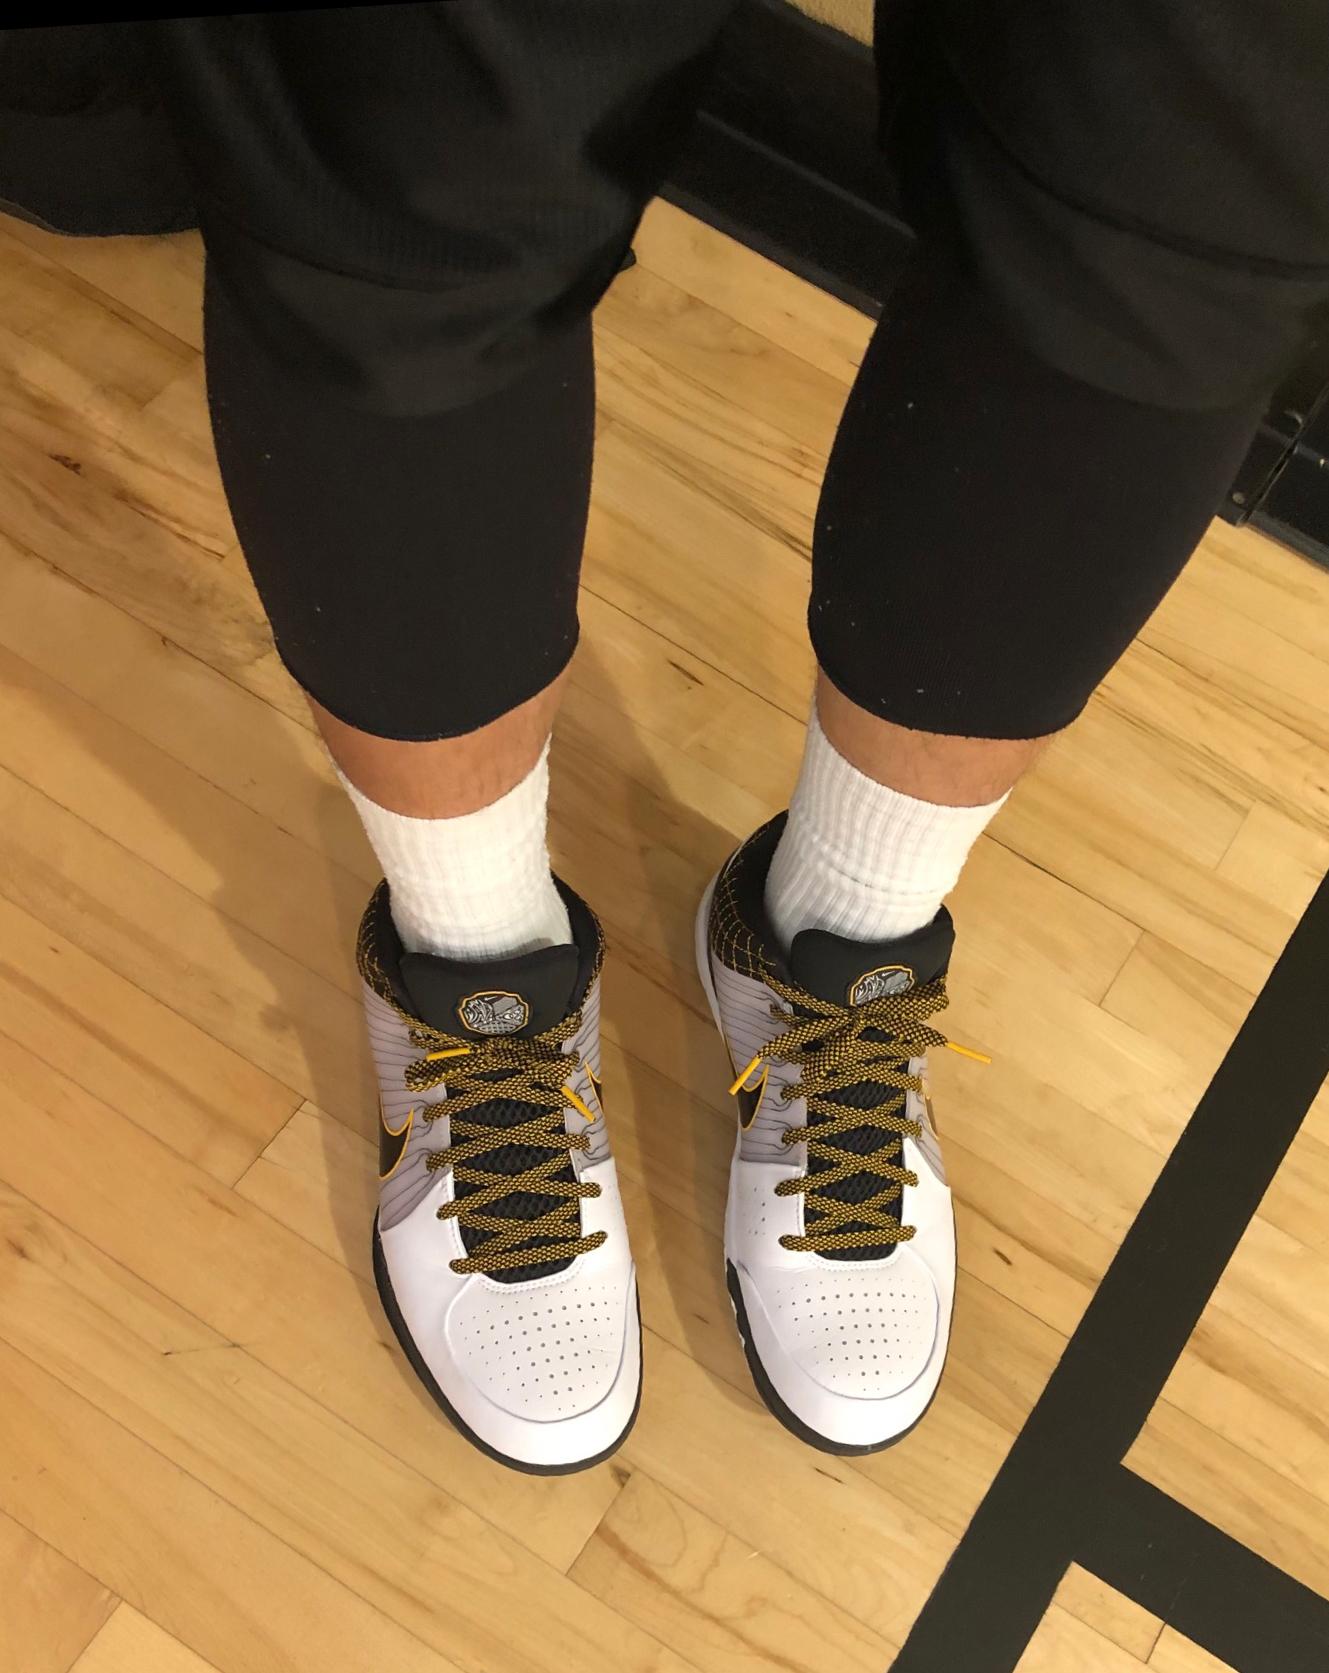 Nike Zoom Kobe 4 Protro Del Sol